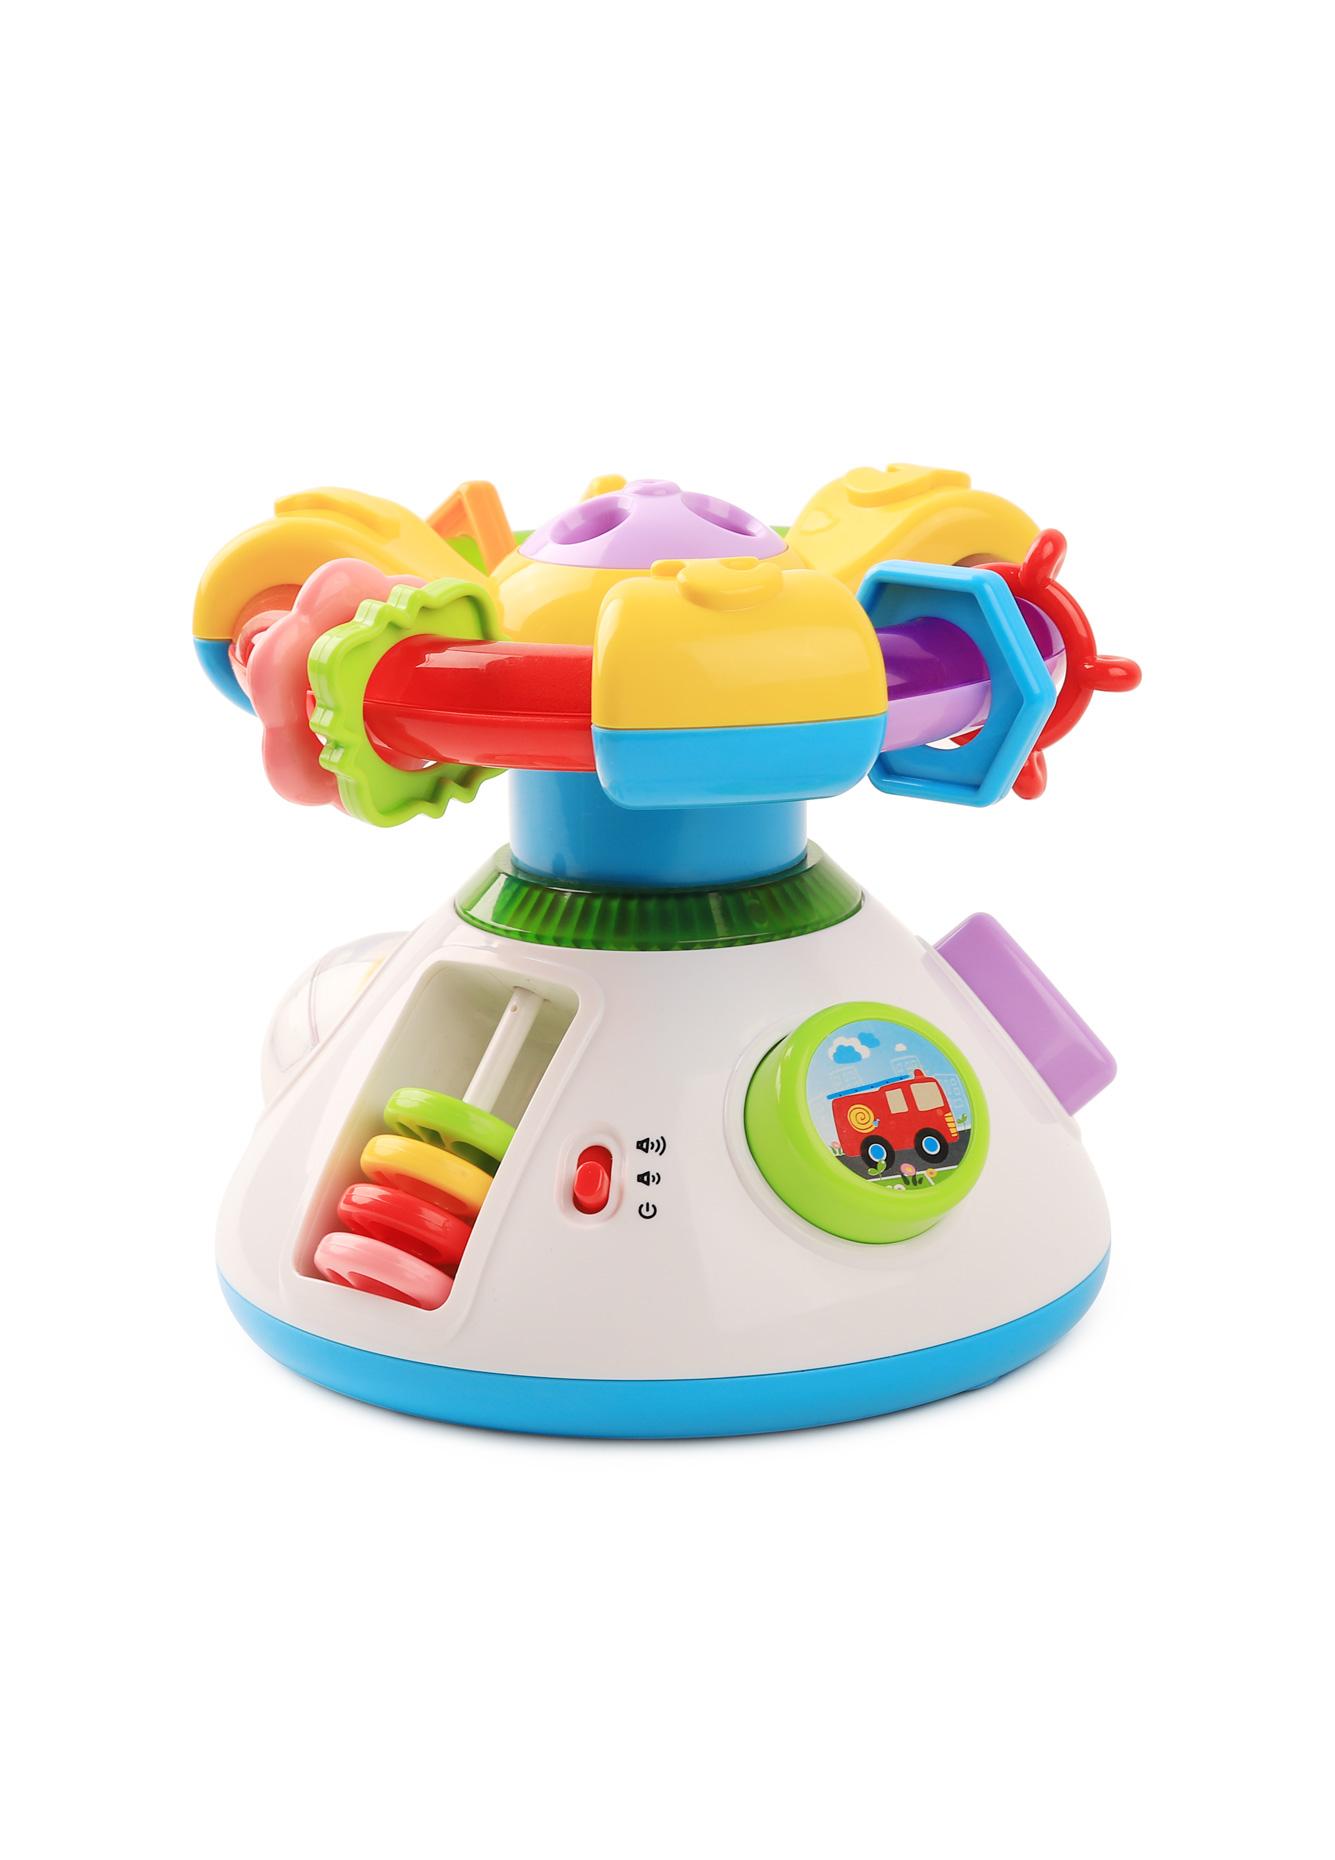 Развивающие игрушки Happy baby Игровой центр Happy Baby «IQ-Base» игровой развивающий центр happy baby iq base 330075